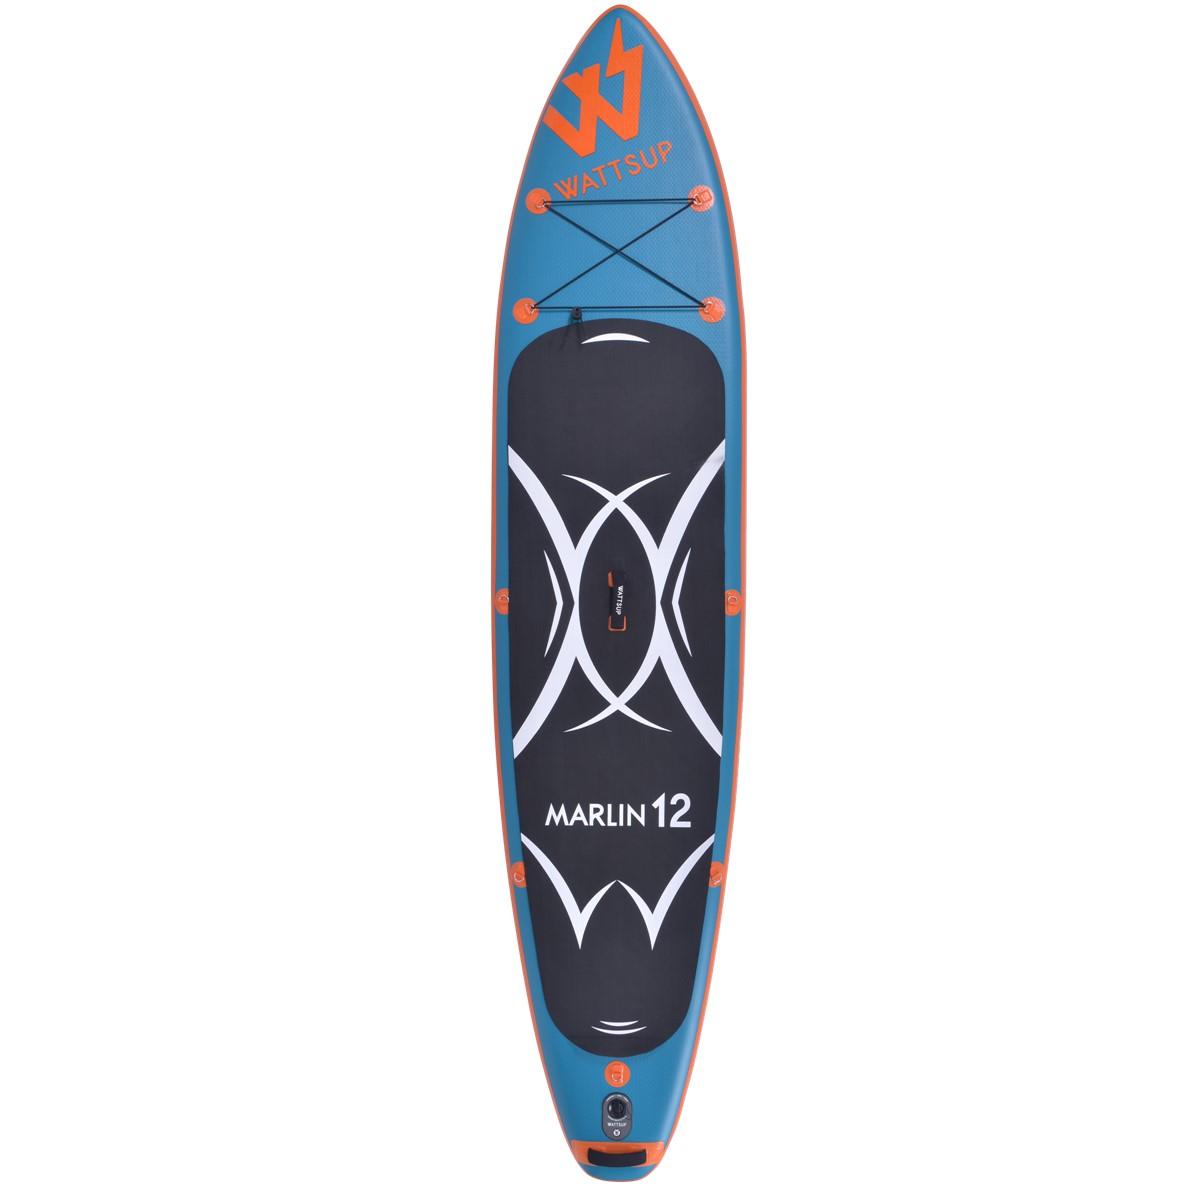 WattSUP Marlin 12'